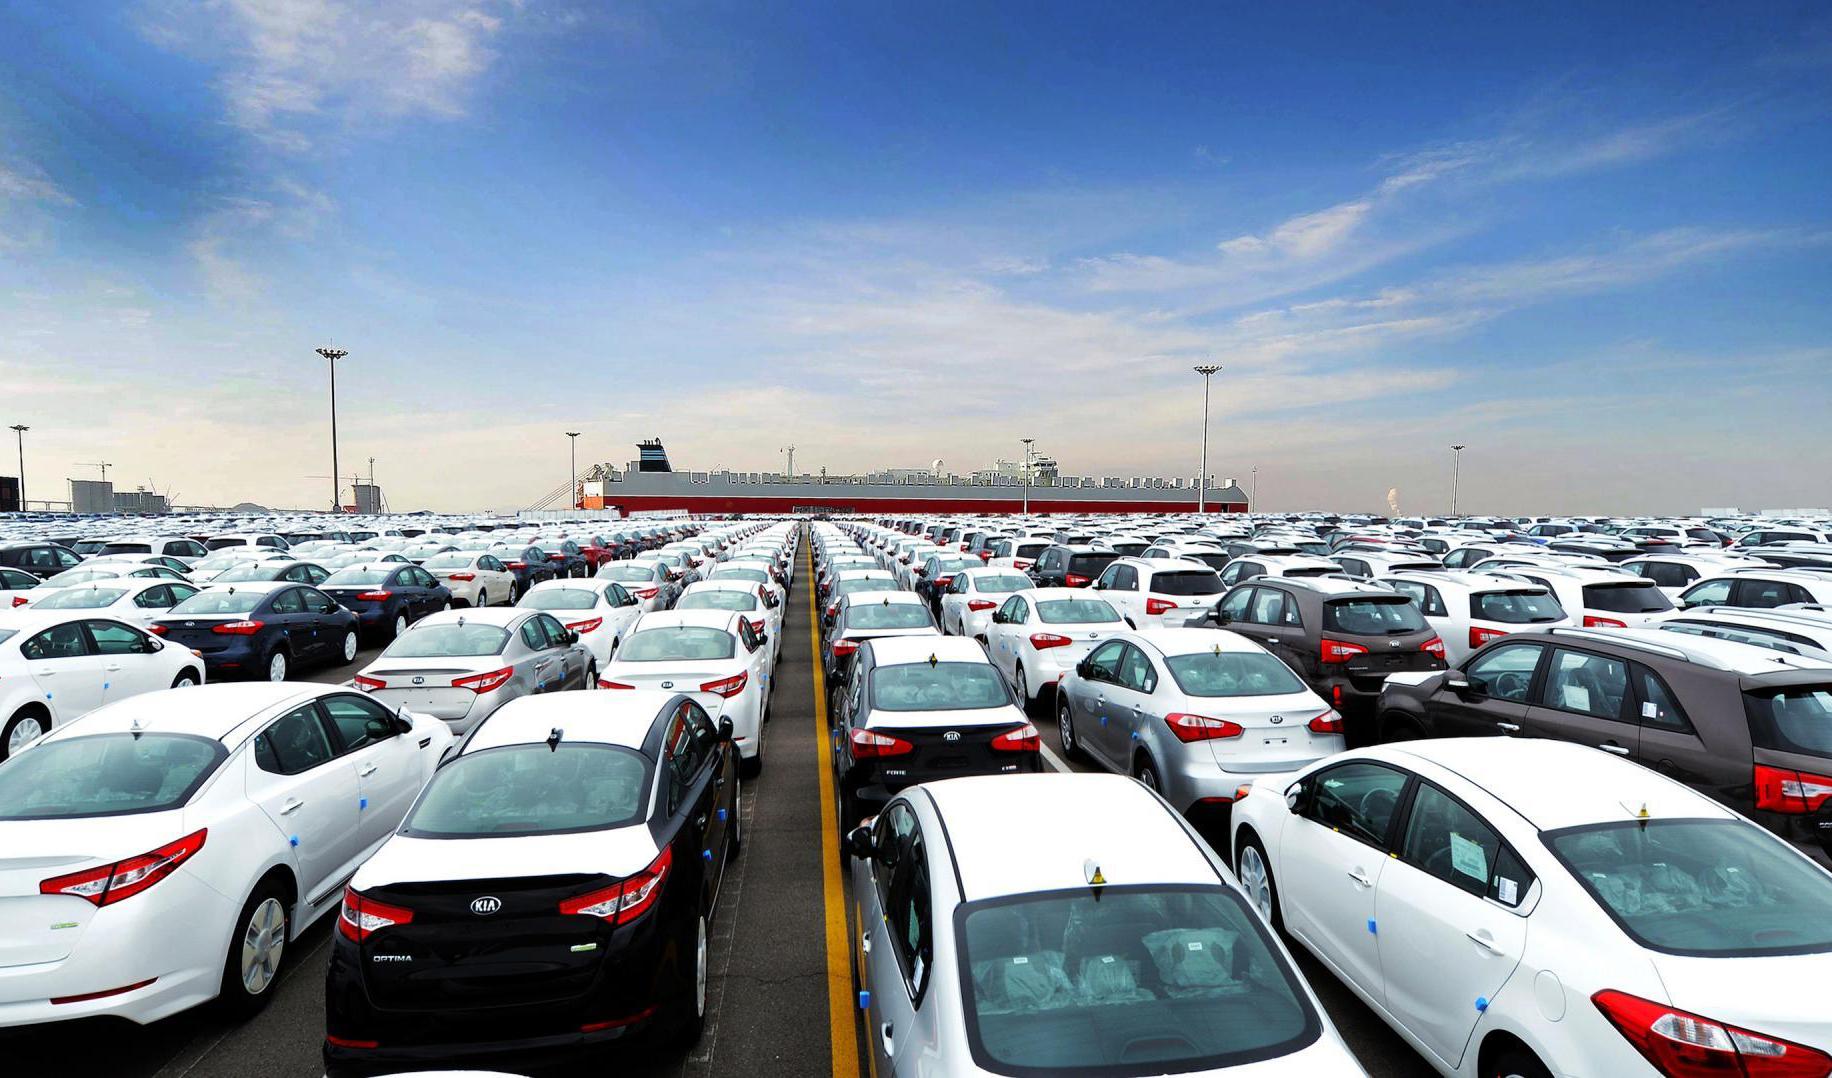 با اظهارنظر قاطع بانک مرکزی واردات خودرو منتفی به نظر می رسد